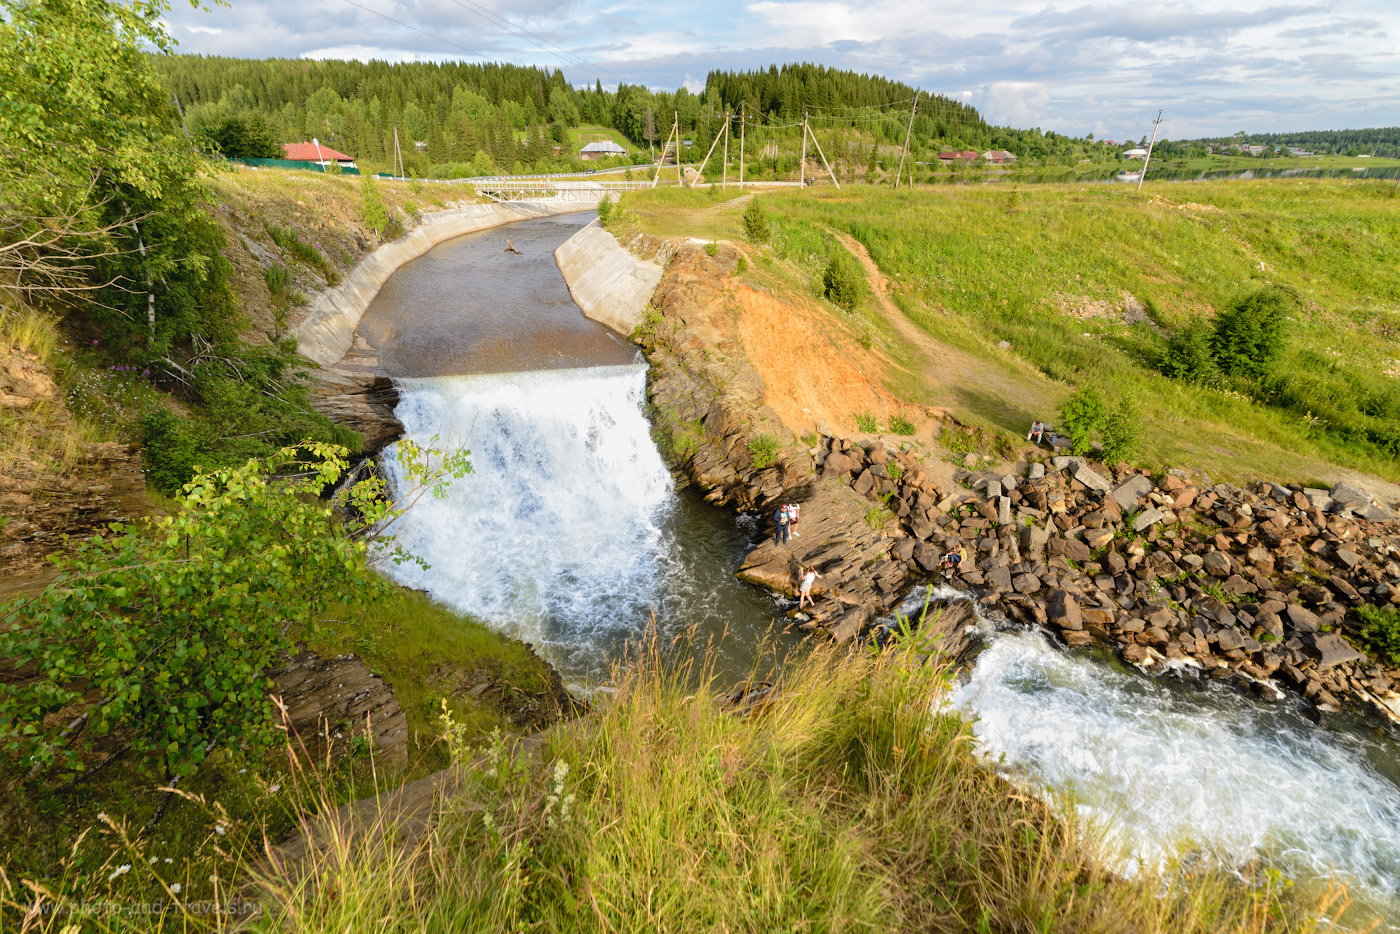 30. Висимо-Уткинский водопад. Какие достопримечательности есть недалеко от оленьей фермы?